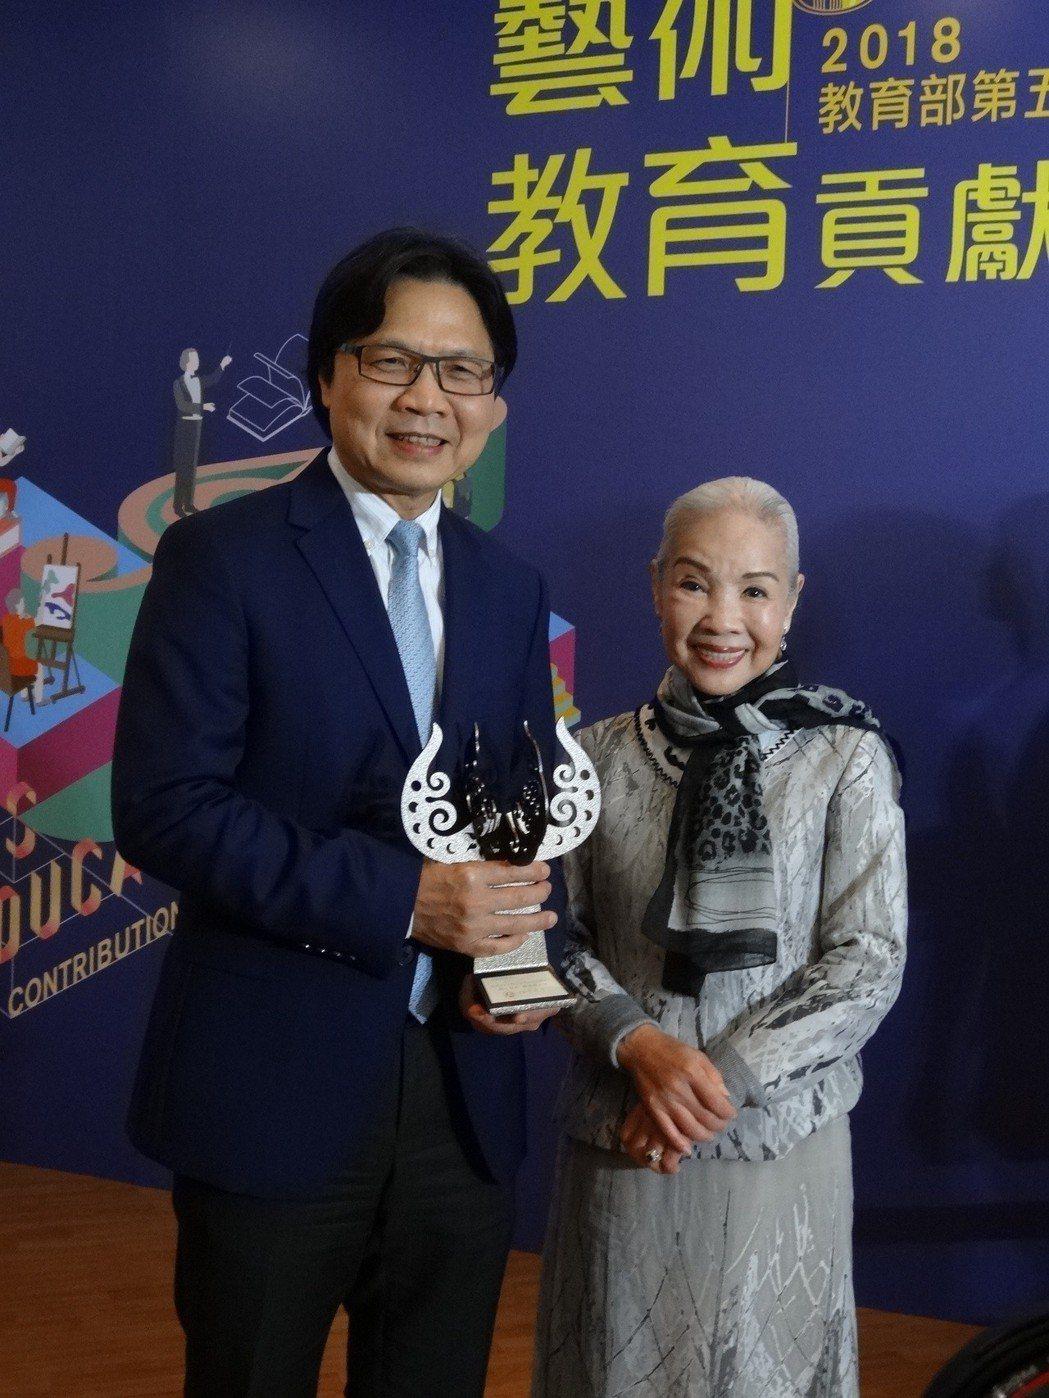 教育部部長葉俊榮與終身成就獎得主廖瓊枝女士。 教育部/提供